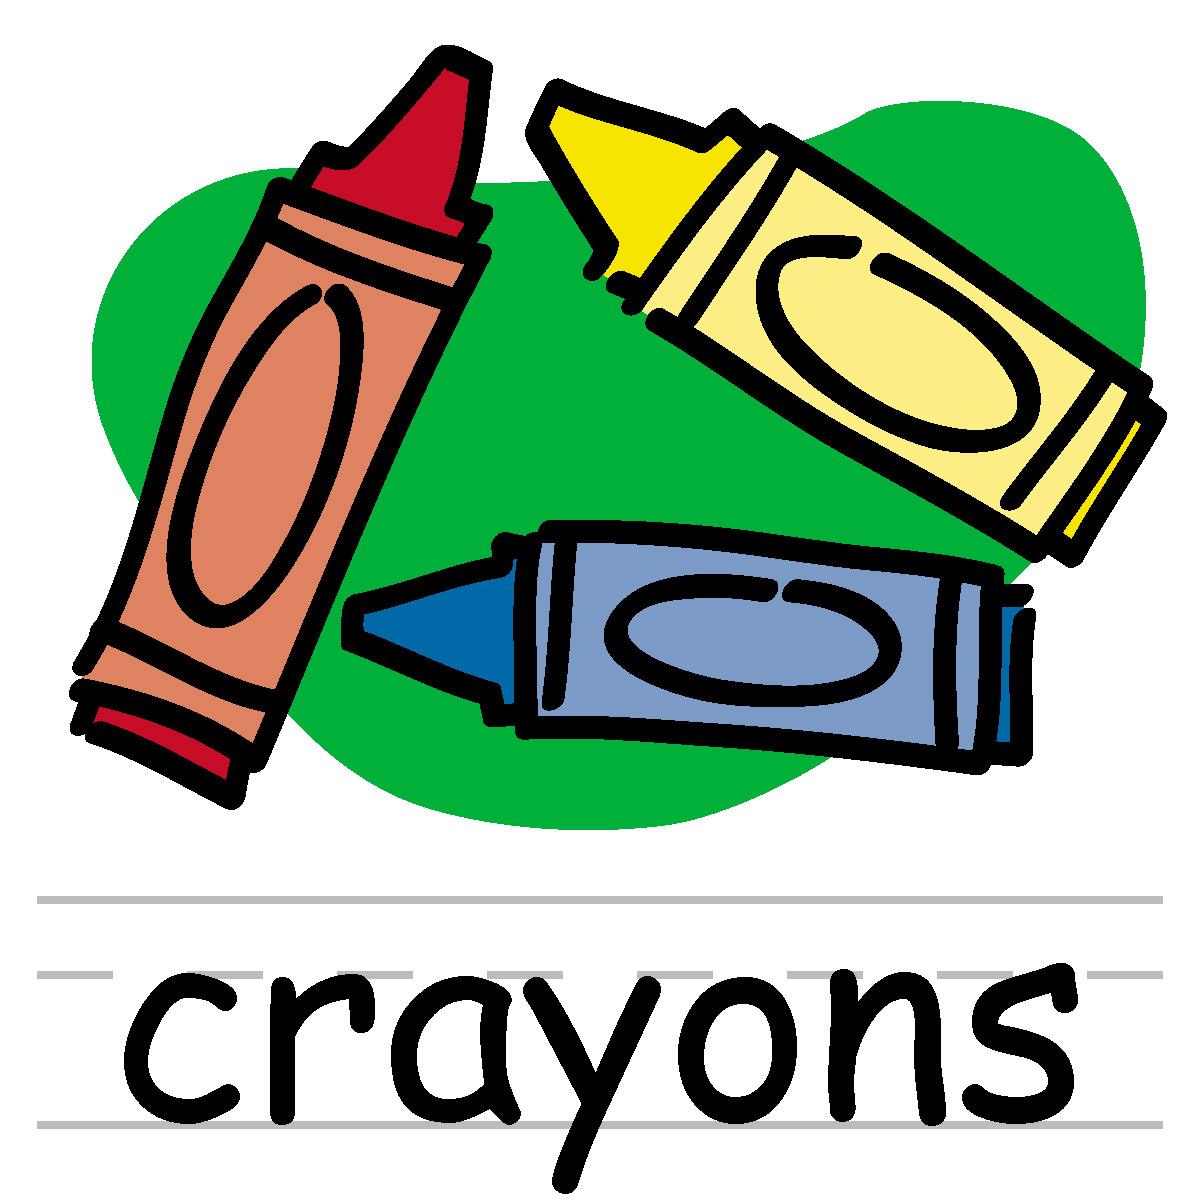 1200x1200 Brownlor Crayons Clip Art In Addition Brown Crayon